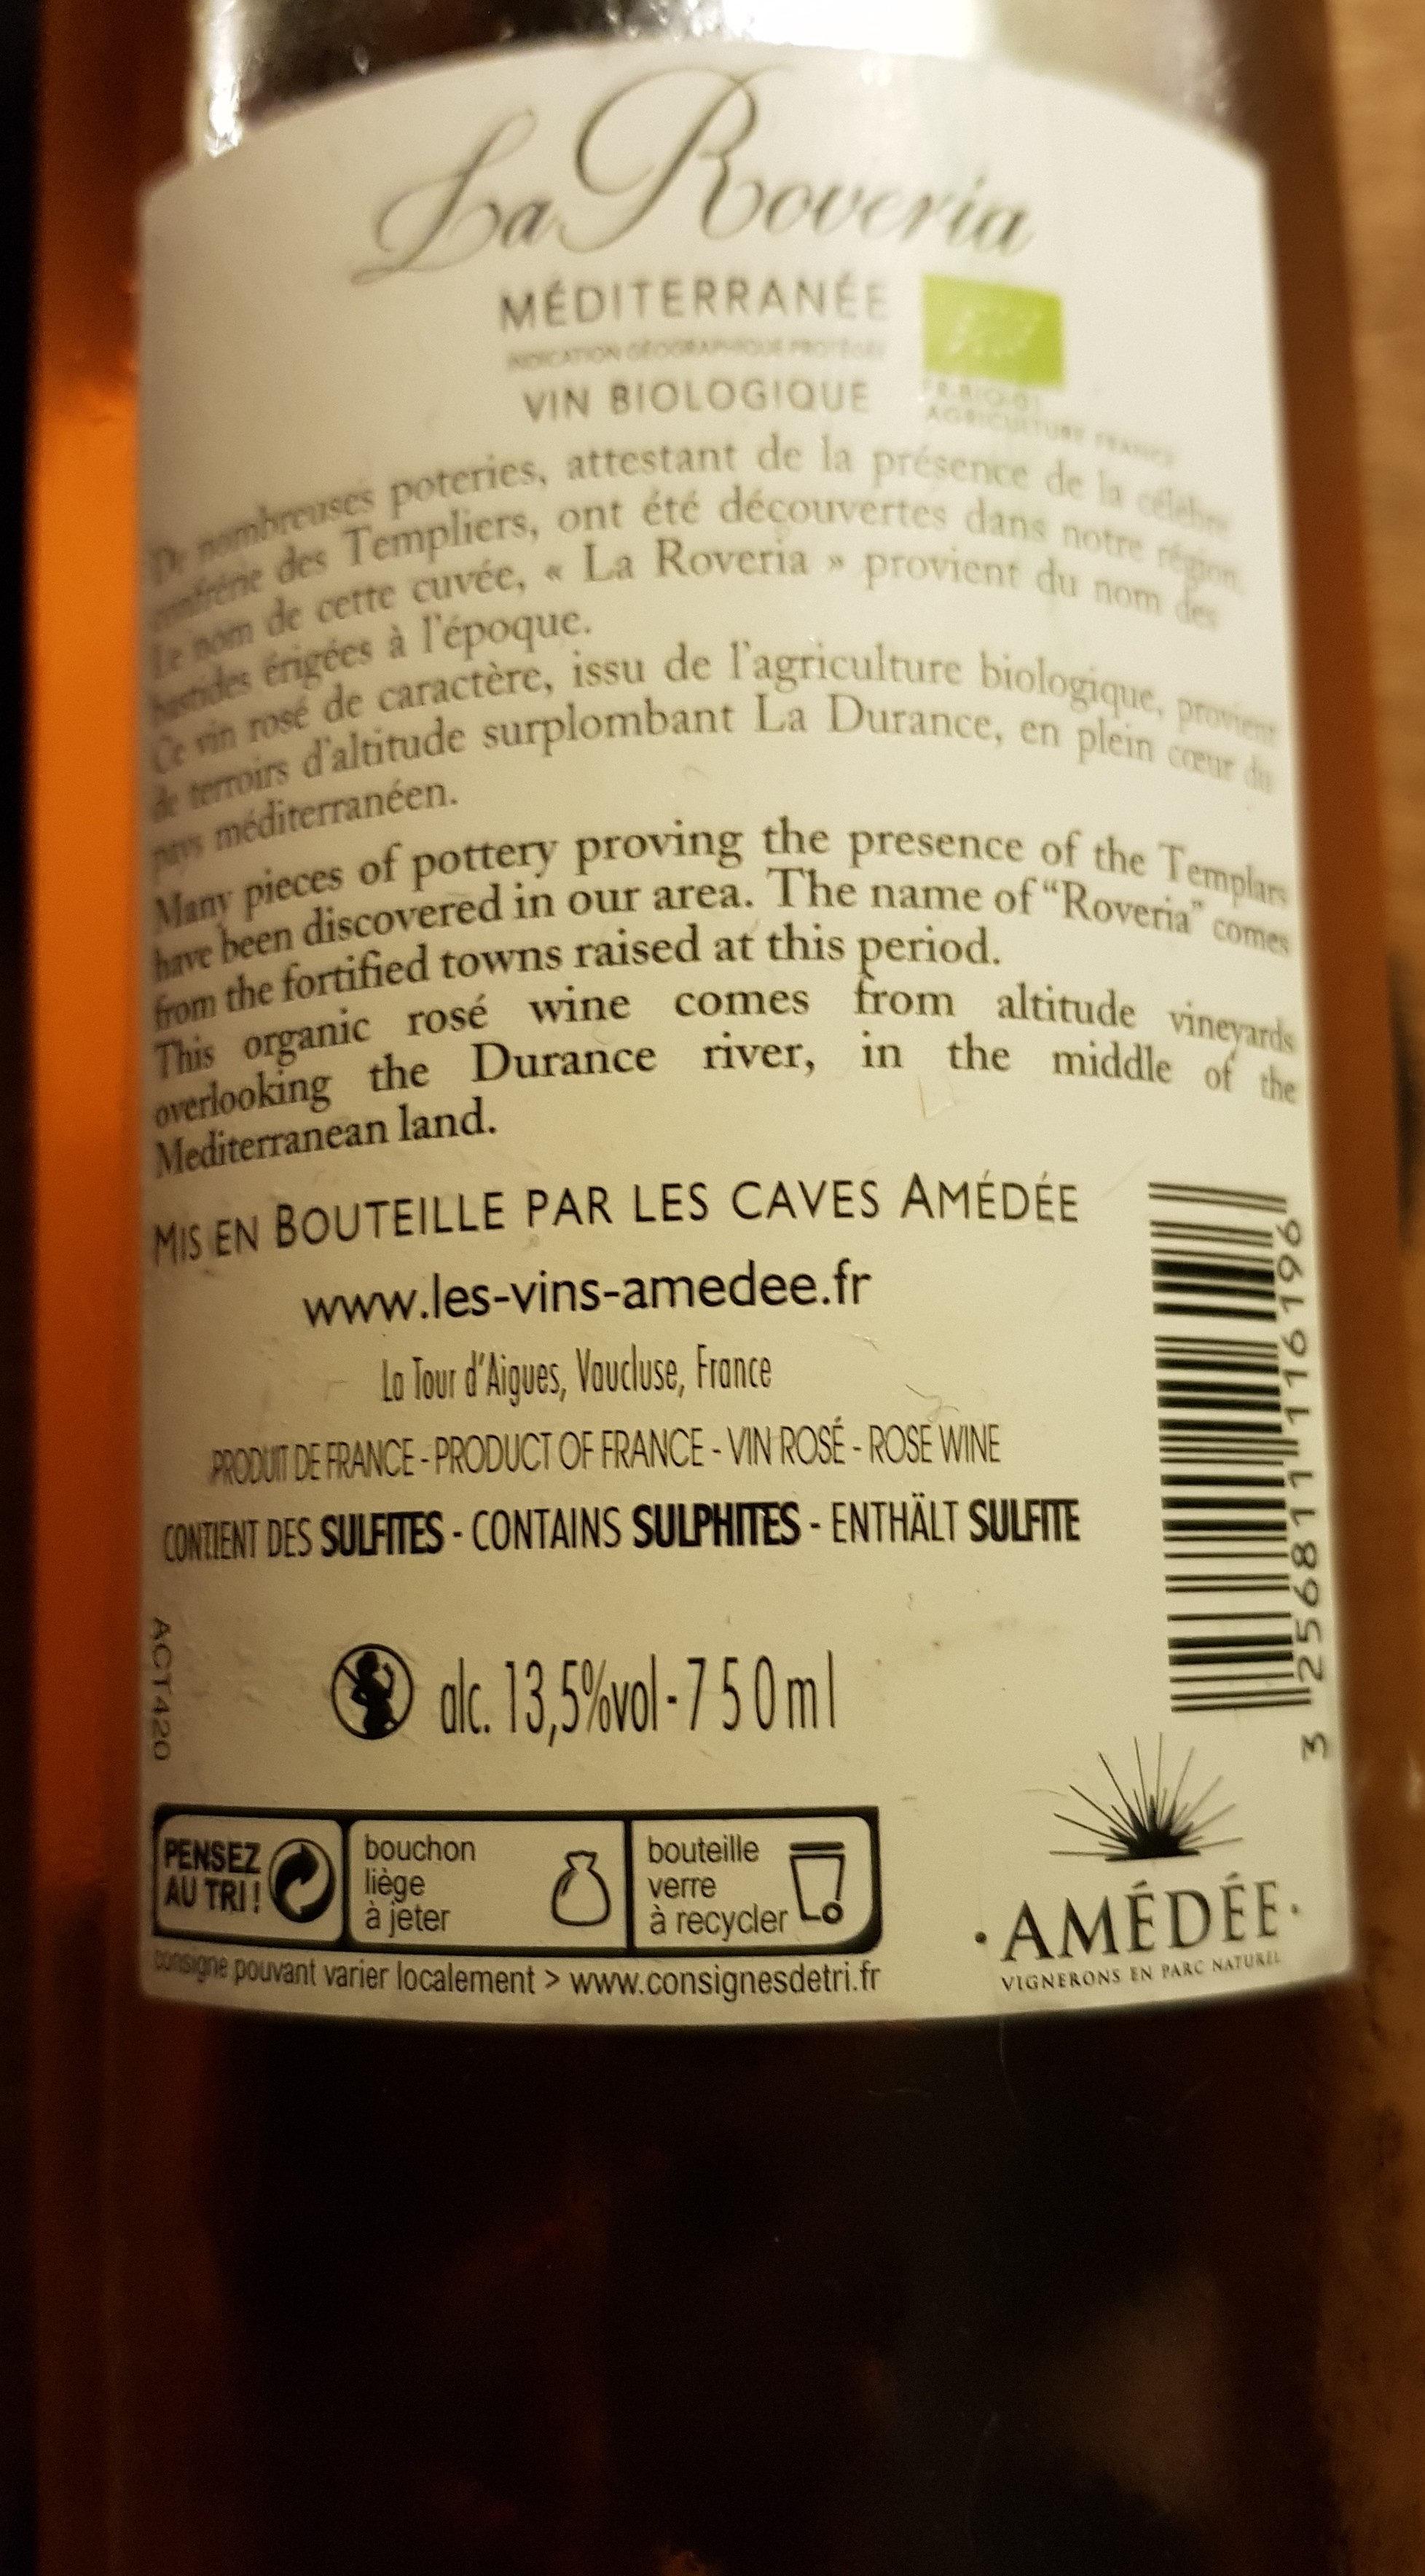 la roveria méditerranée  vin biologique - Ingredients